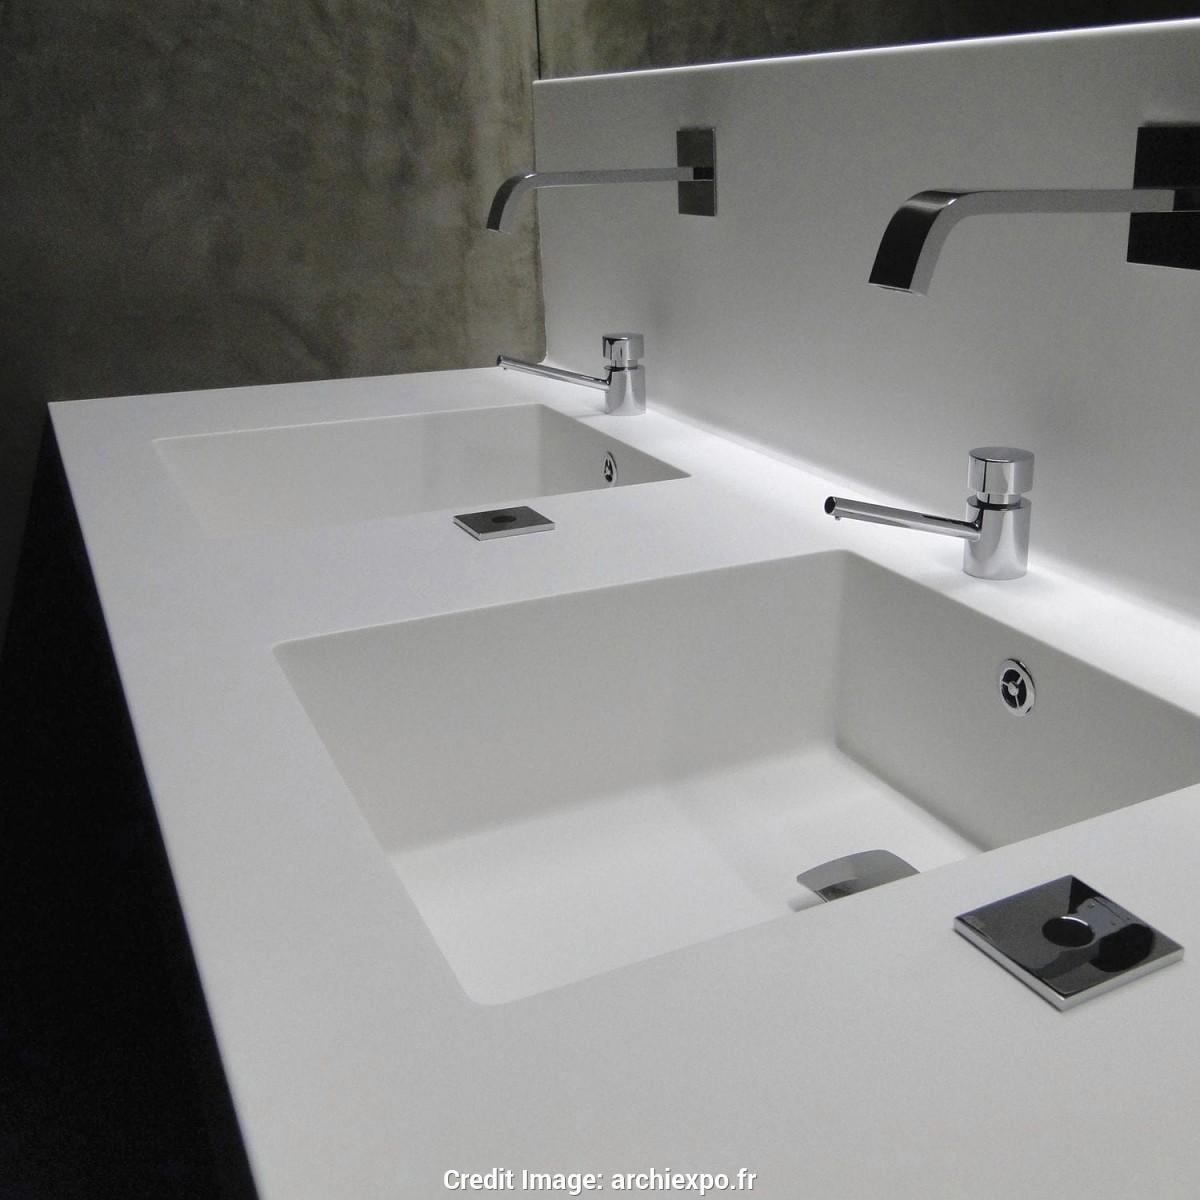 plan de travail avec evier et plaque de cuisson id es de. Black Bedroom Furniture Sets. Home Design Ideas